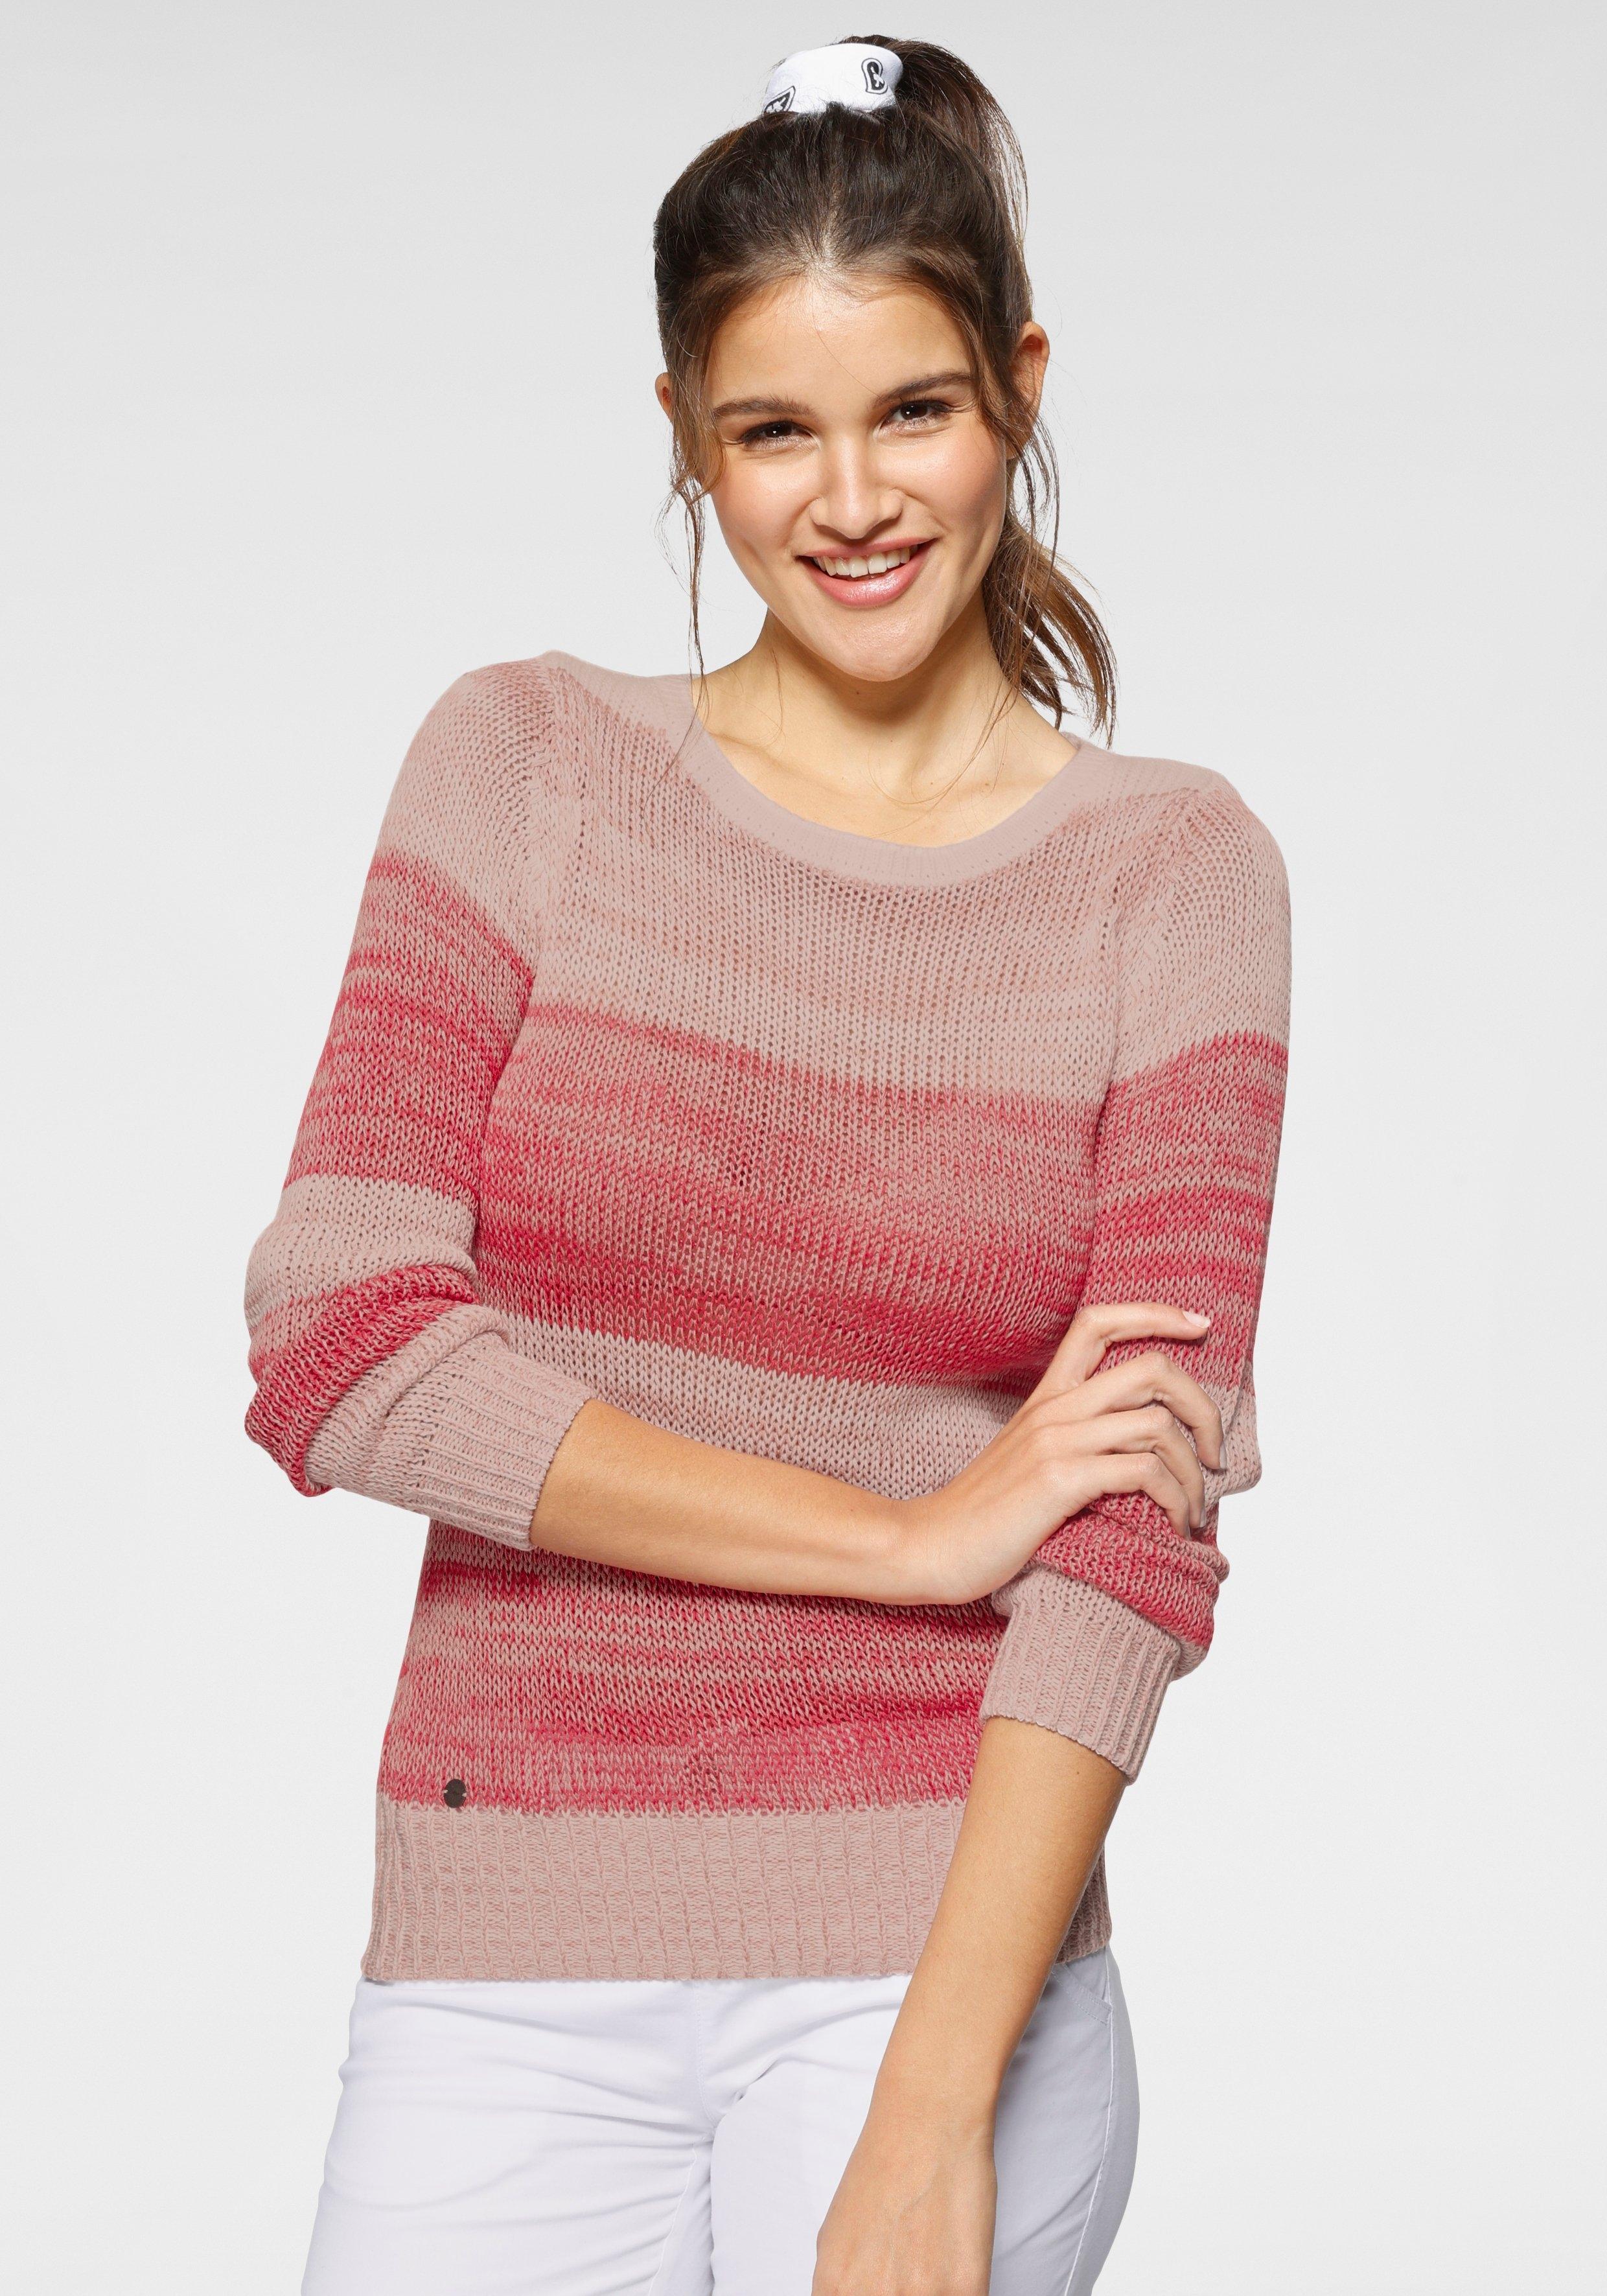 KangaROOS gebreide trui in multicolour-streepdesign bestellen: 30 dagen bedenktijd